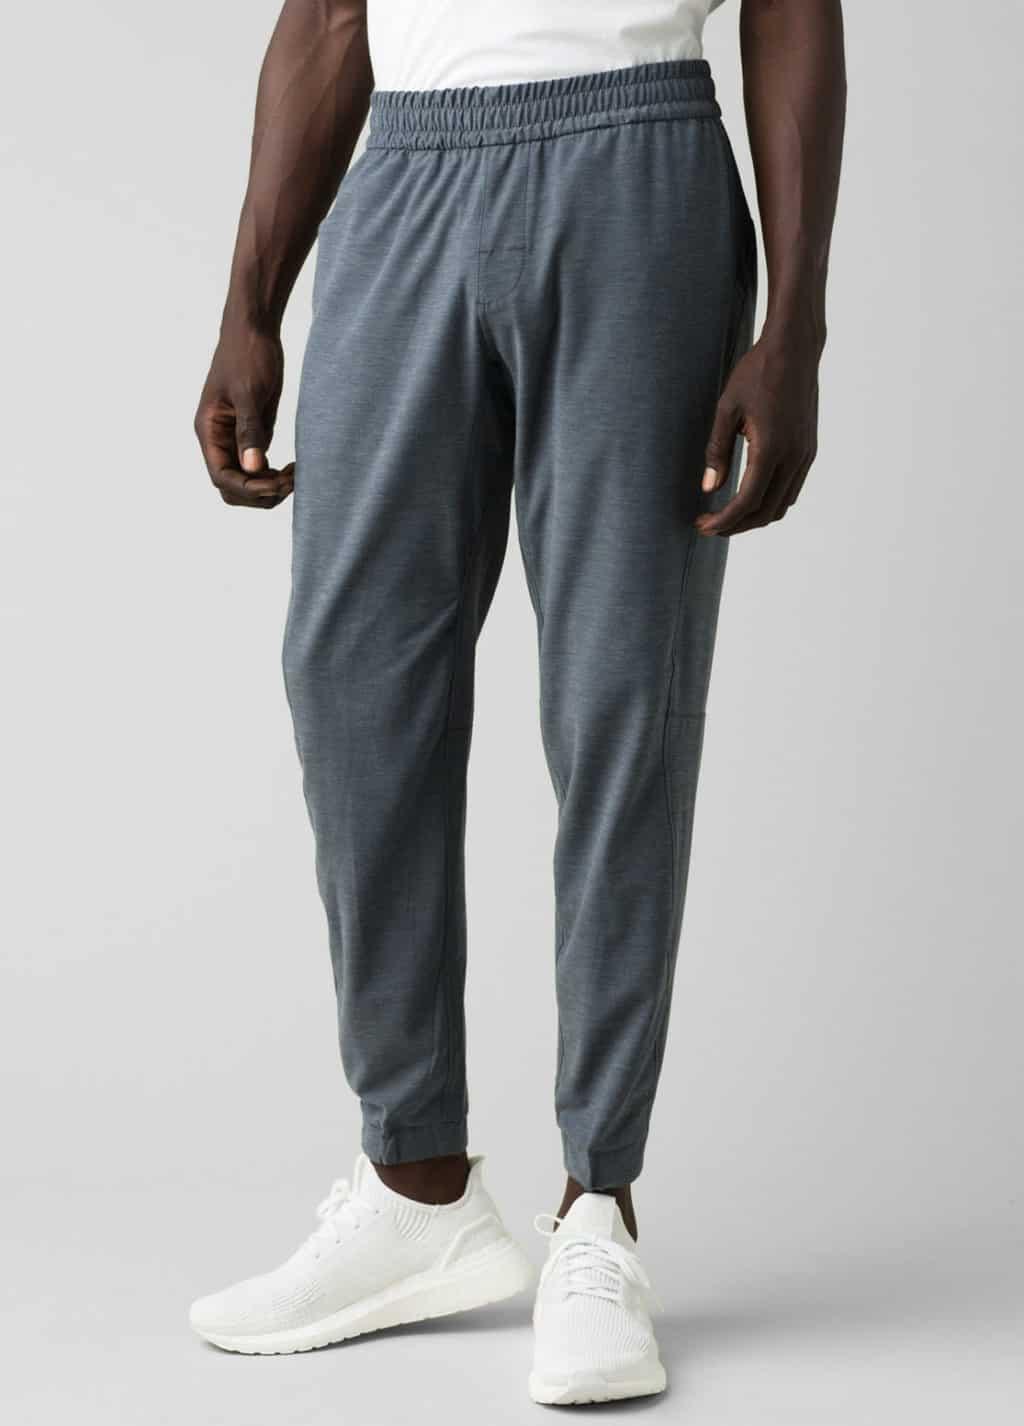 prAna grey joggers Fair Trade